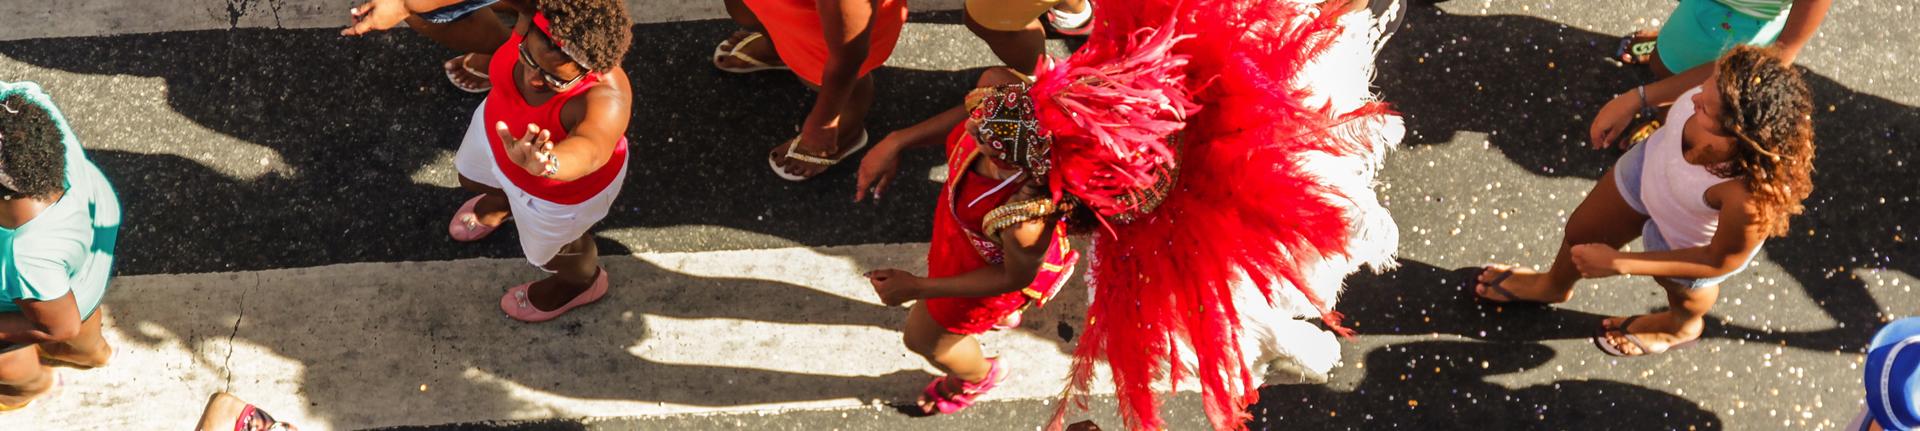 Carnaval: dicas para curtir a folia das ruas